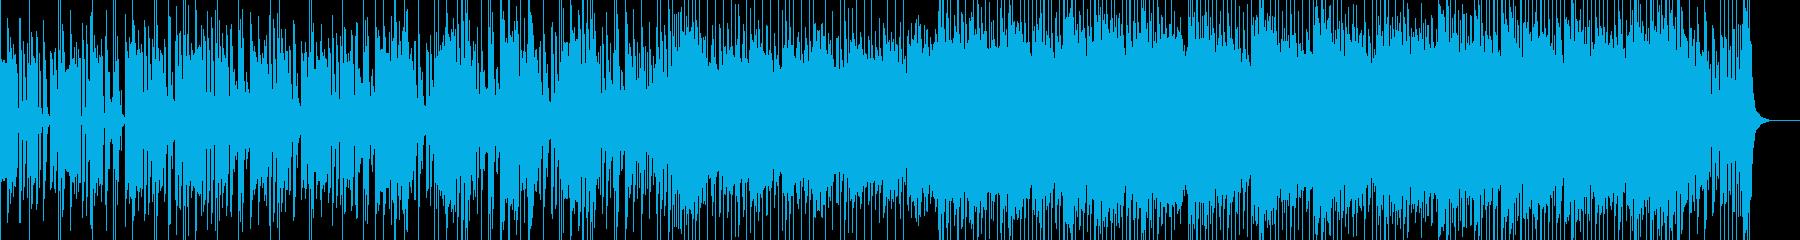 先進的なデジタルデバイスをイメージした曲の再生済みの波形